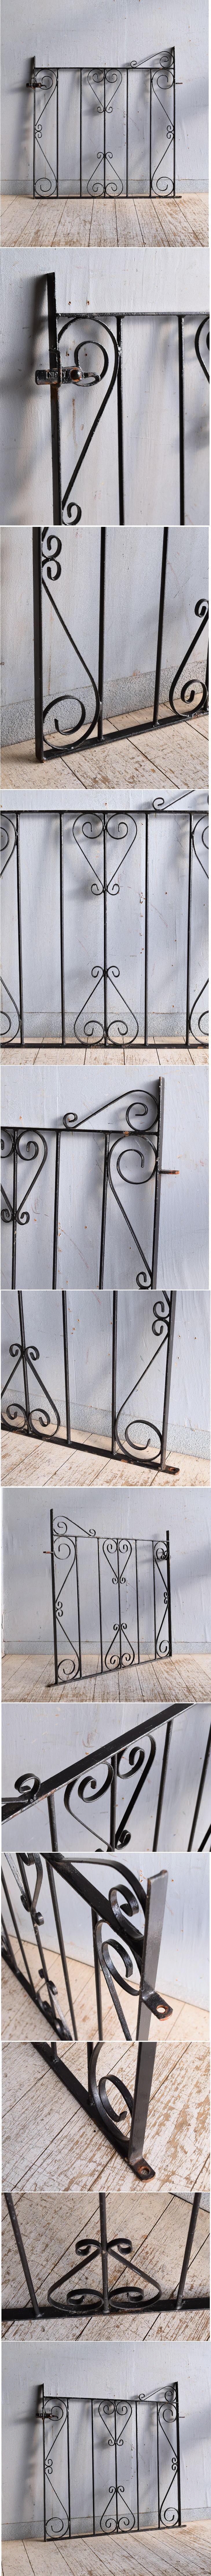 イギリスアンティーク アイアンフェンス ゲート柵 ガーデニング 9303